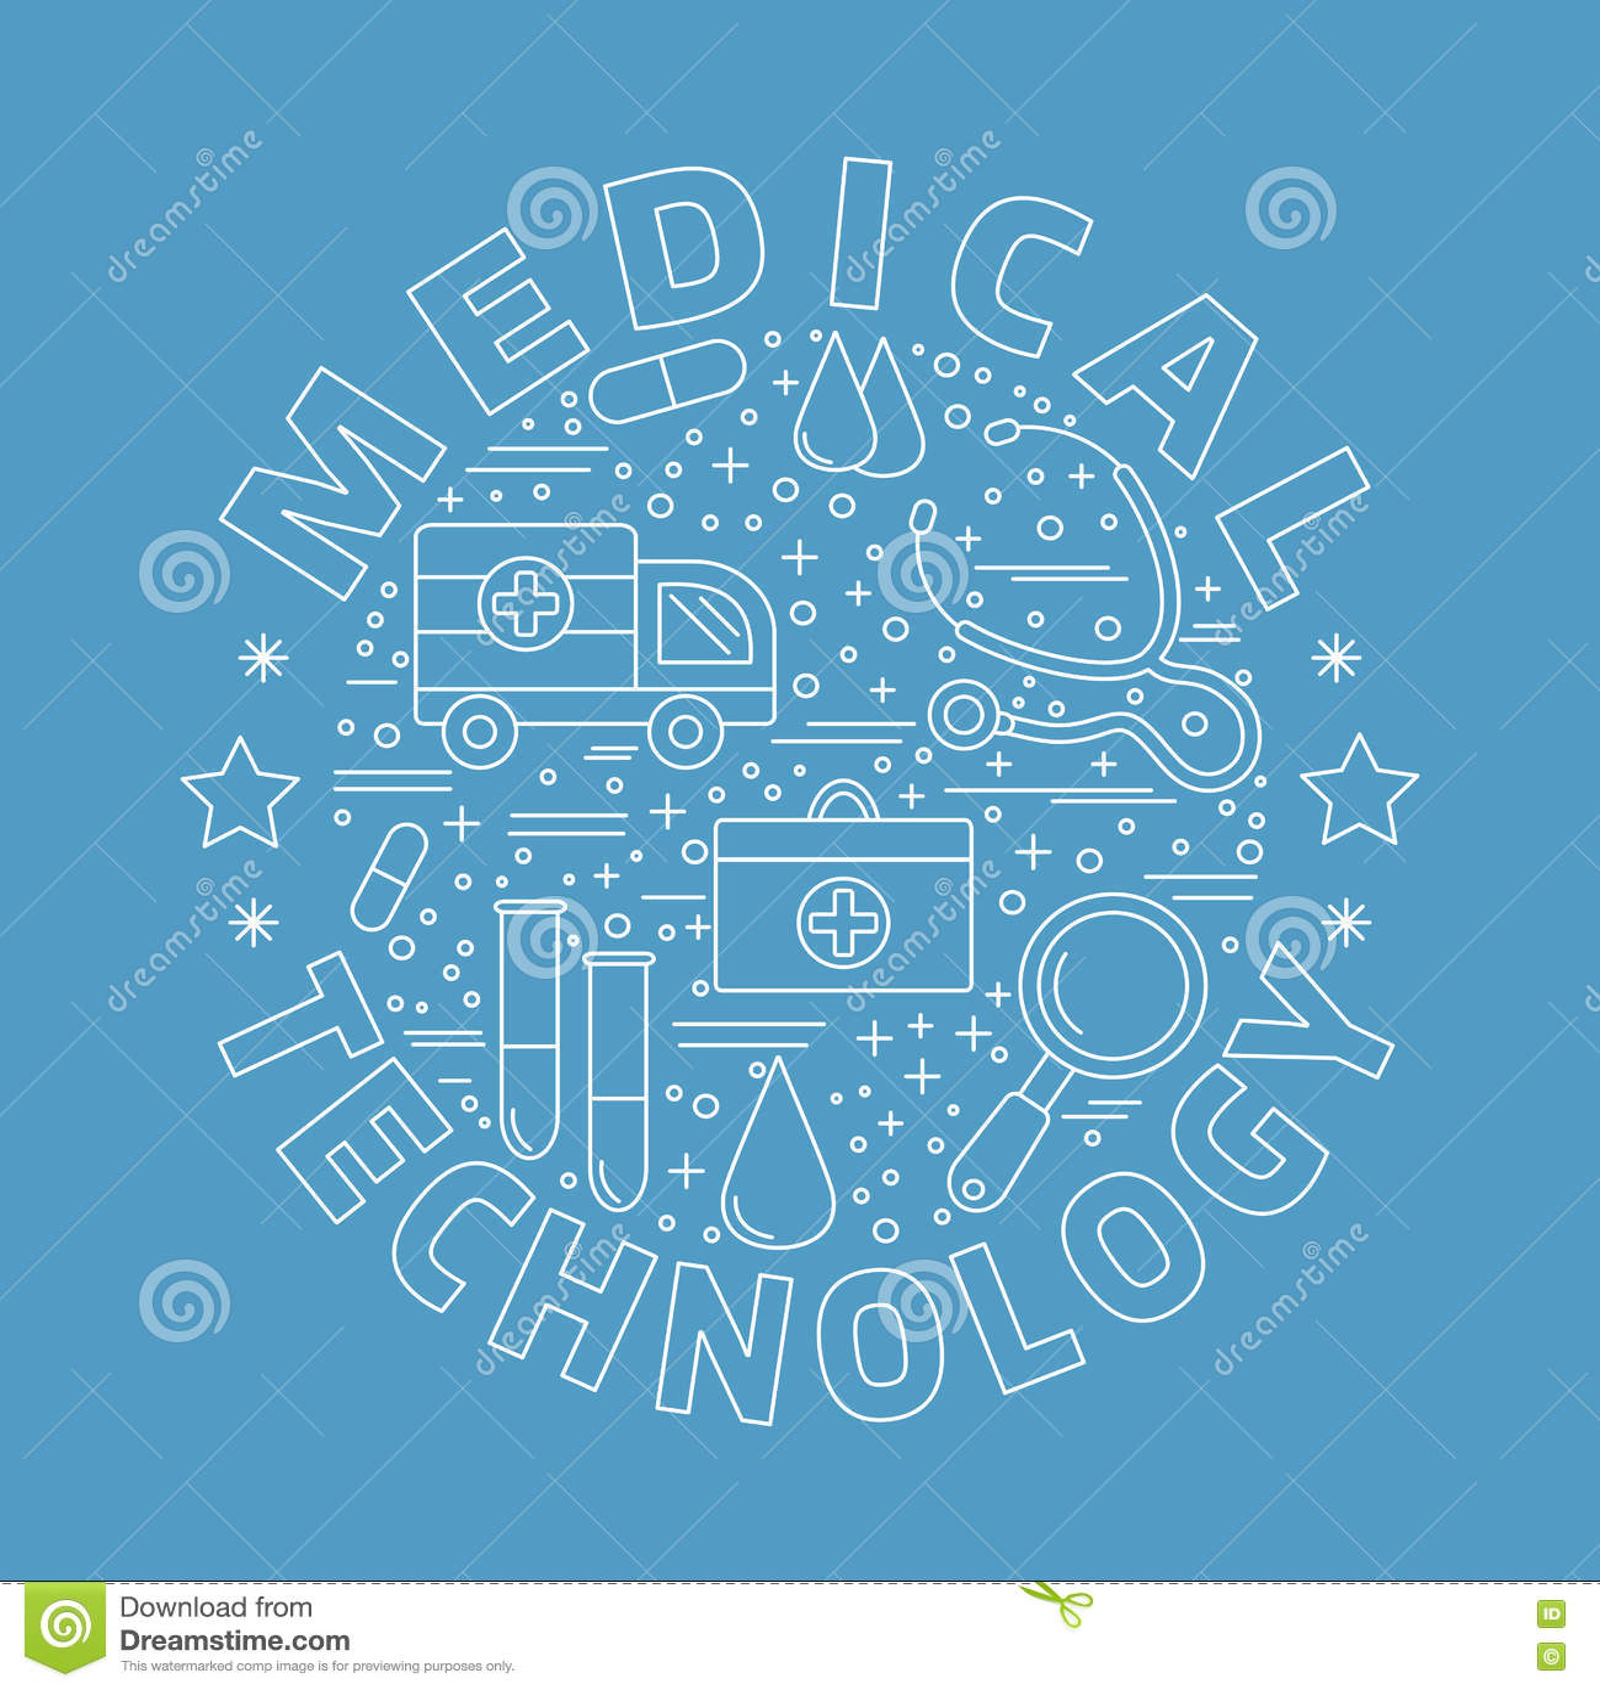 Медицинская диагностика, конструктивная схема графического дизайна проверки